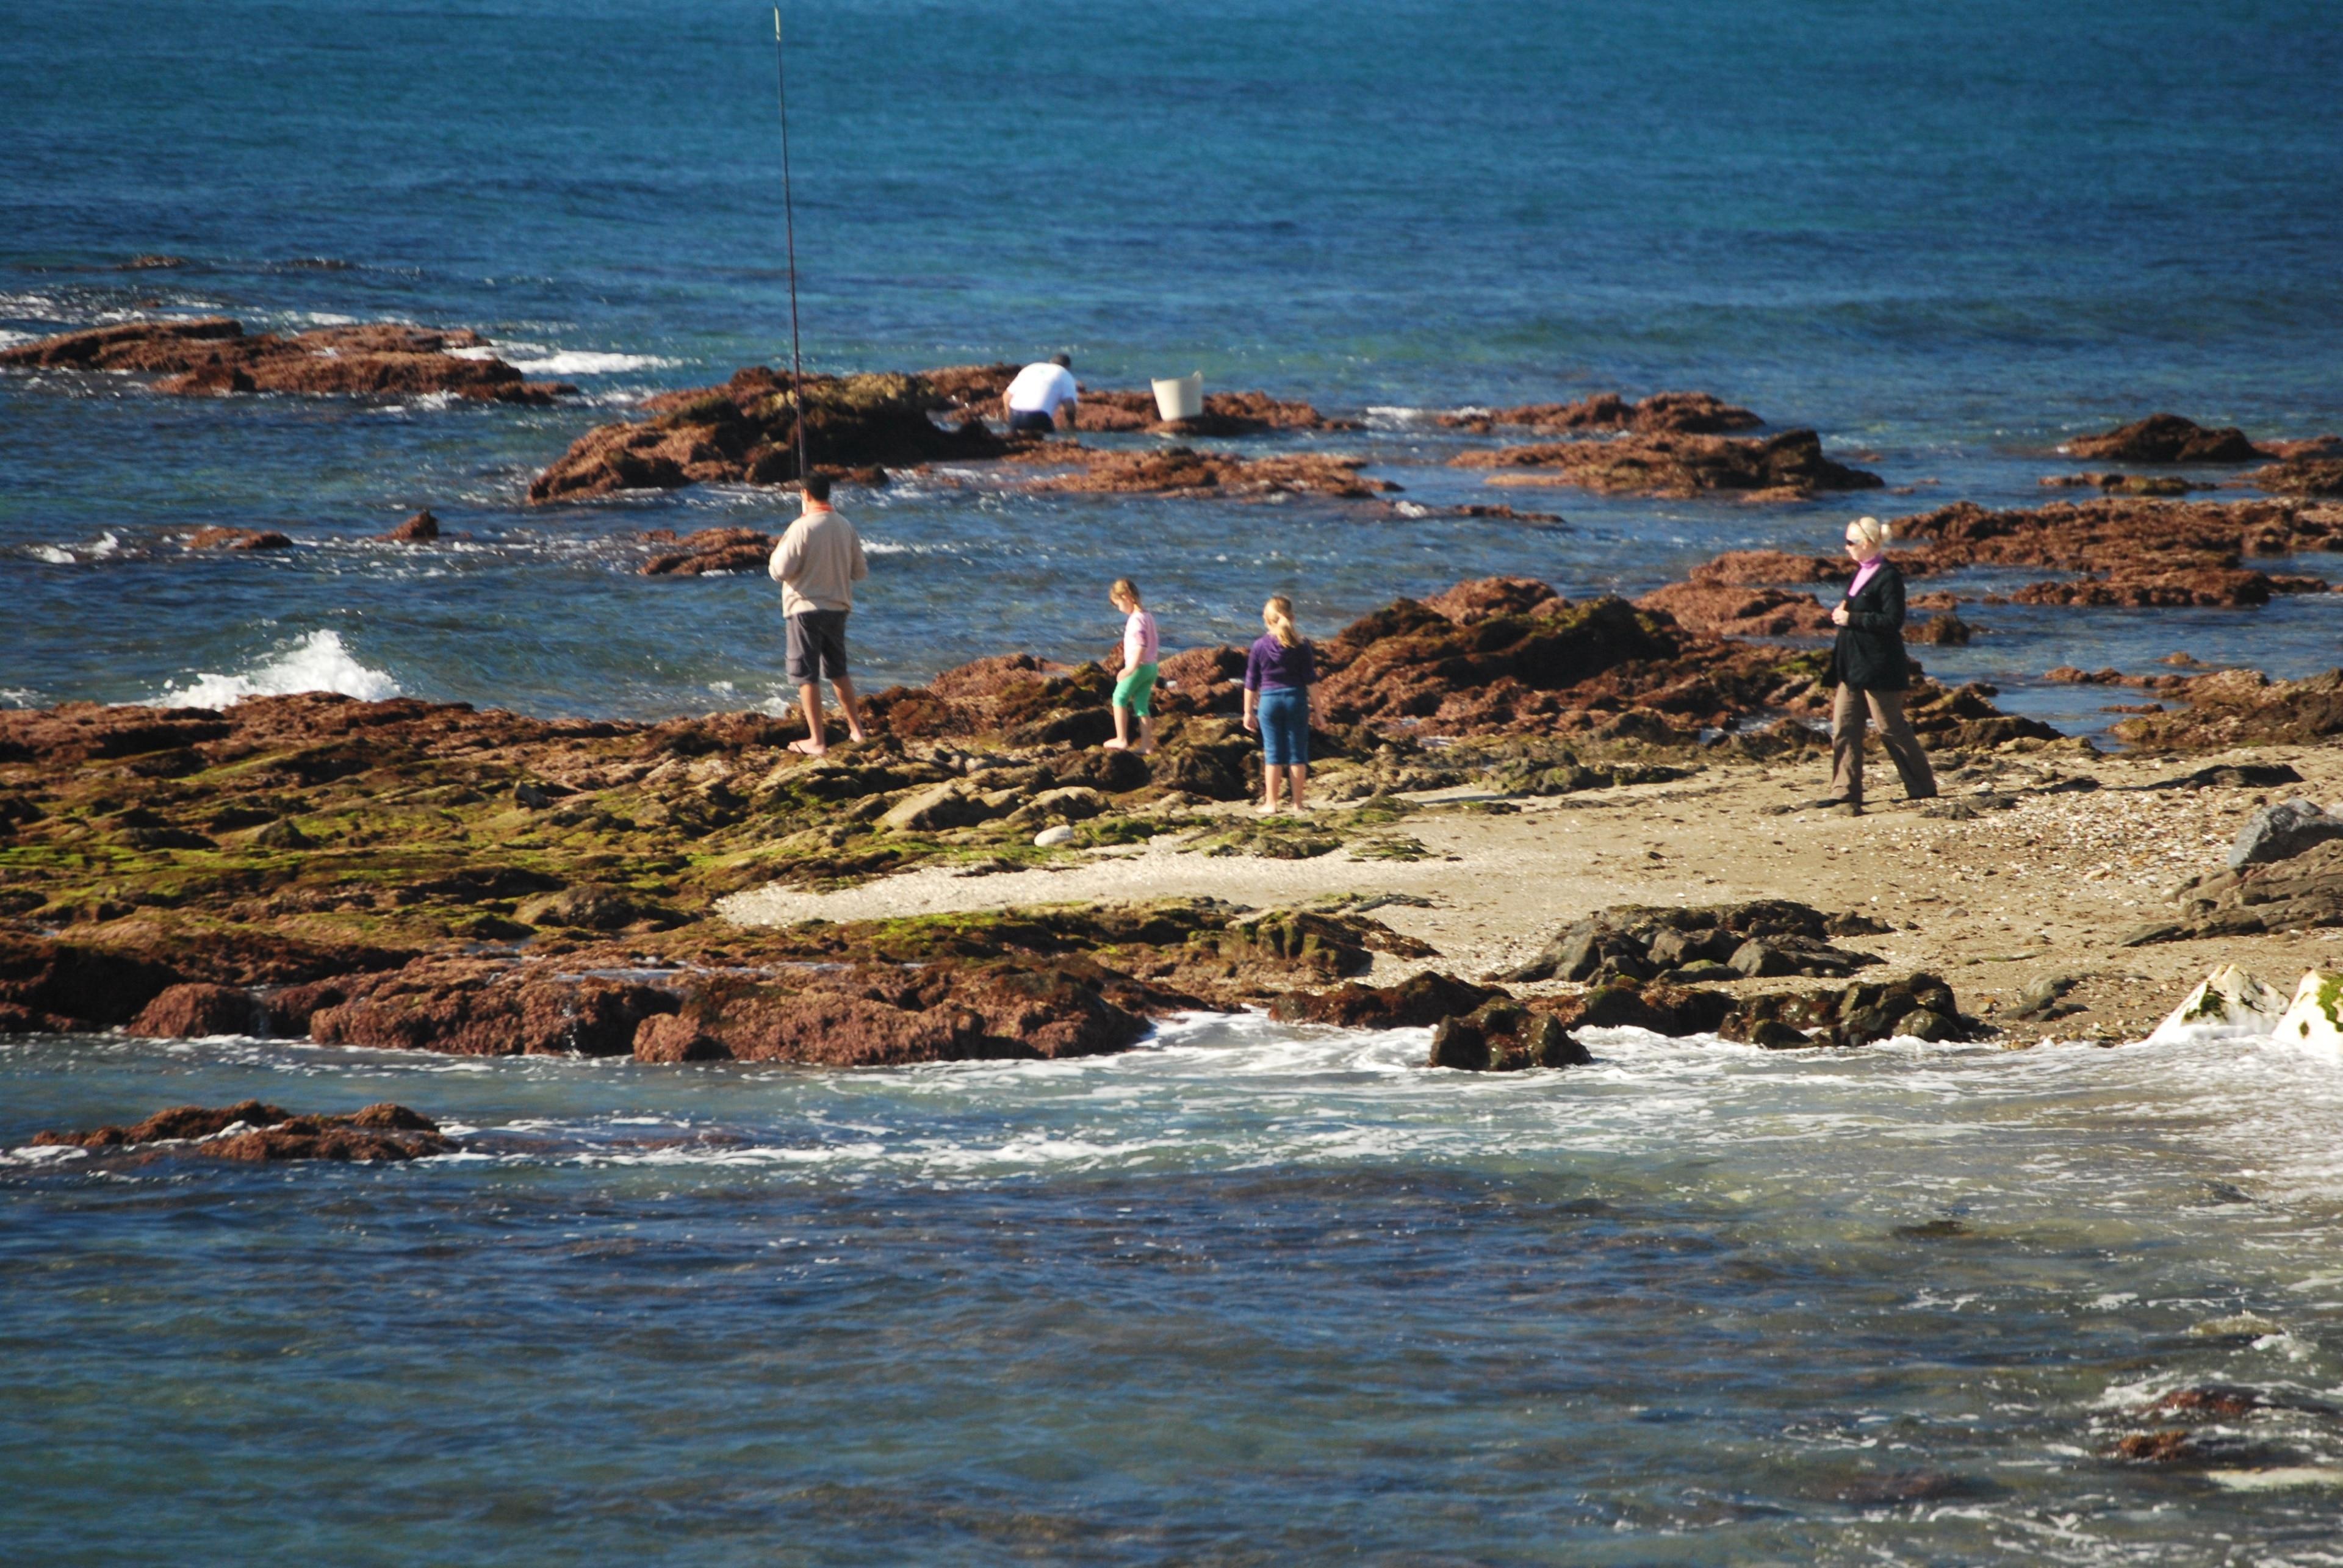 Playa Del Faro, Mijas, Andalusia, Spain